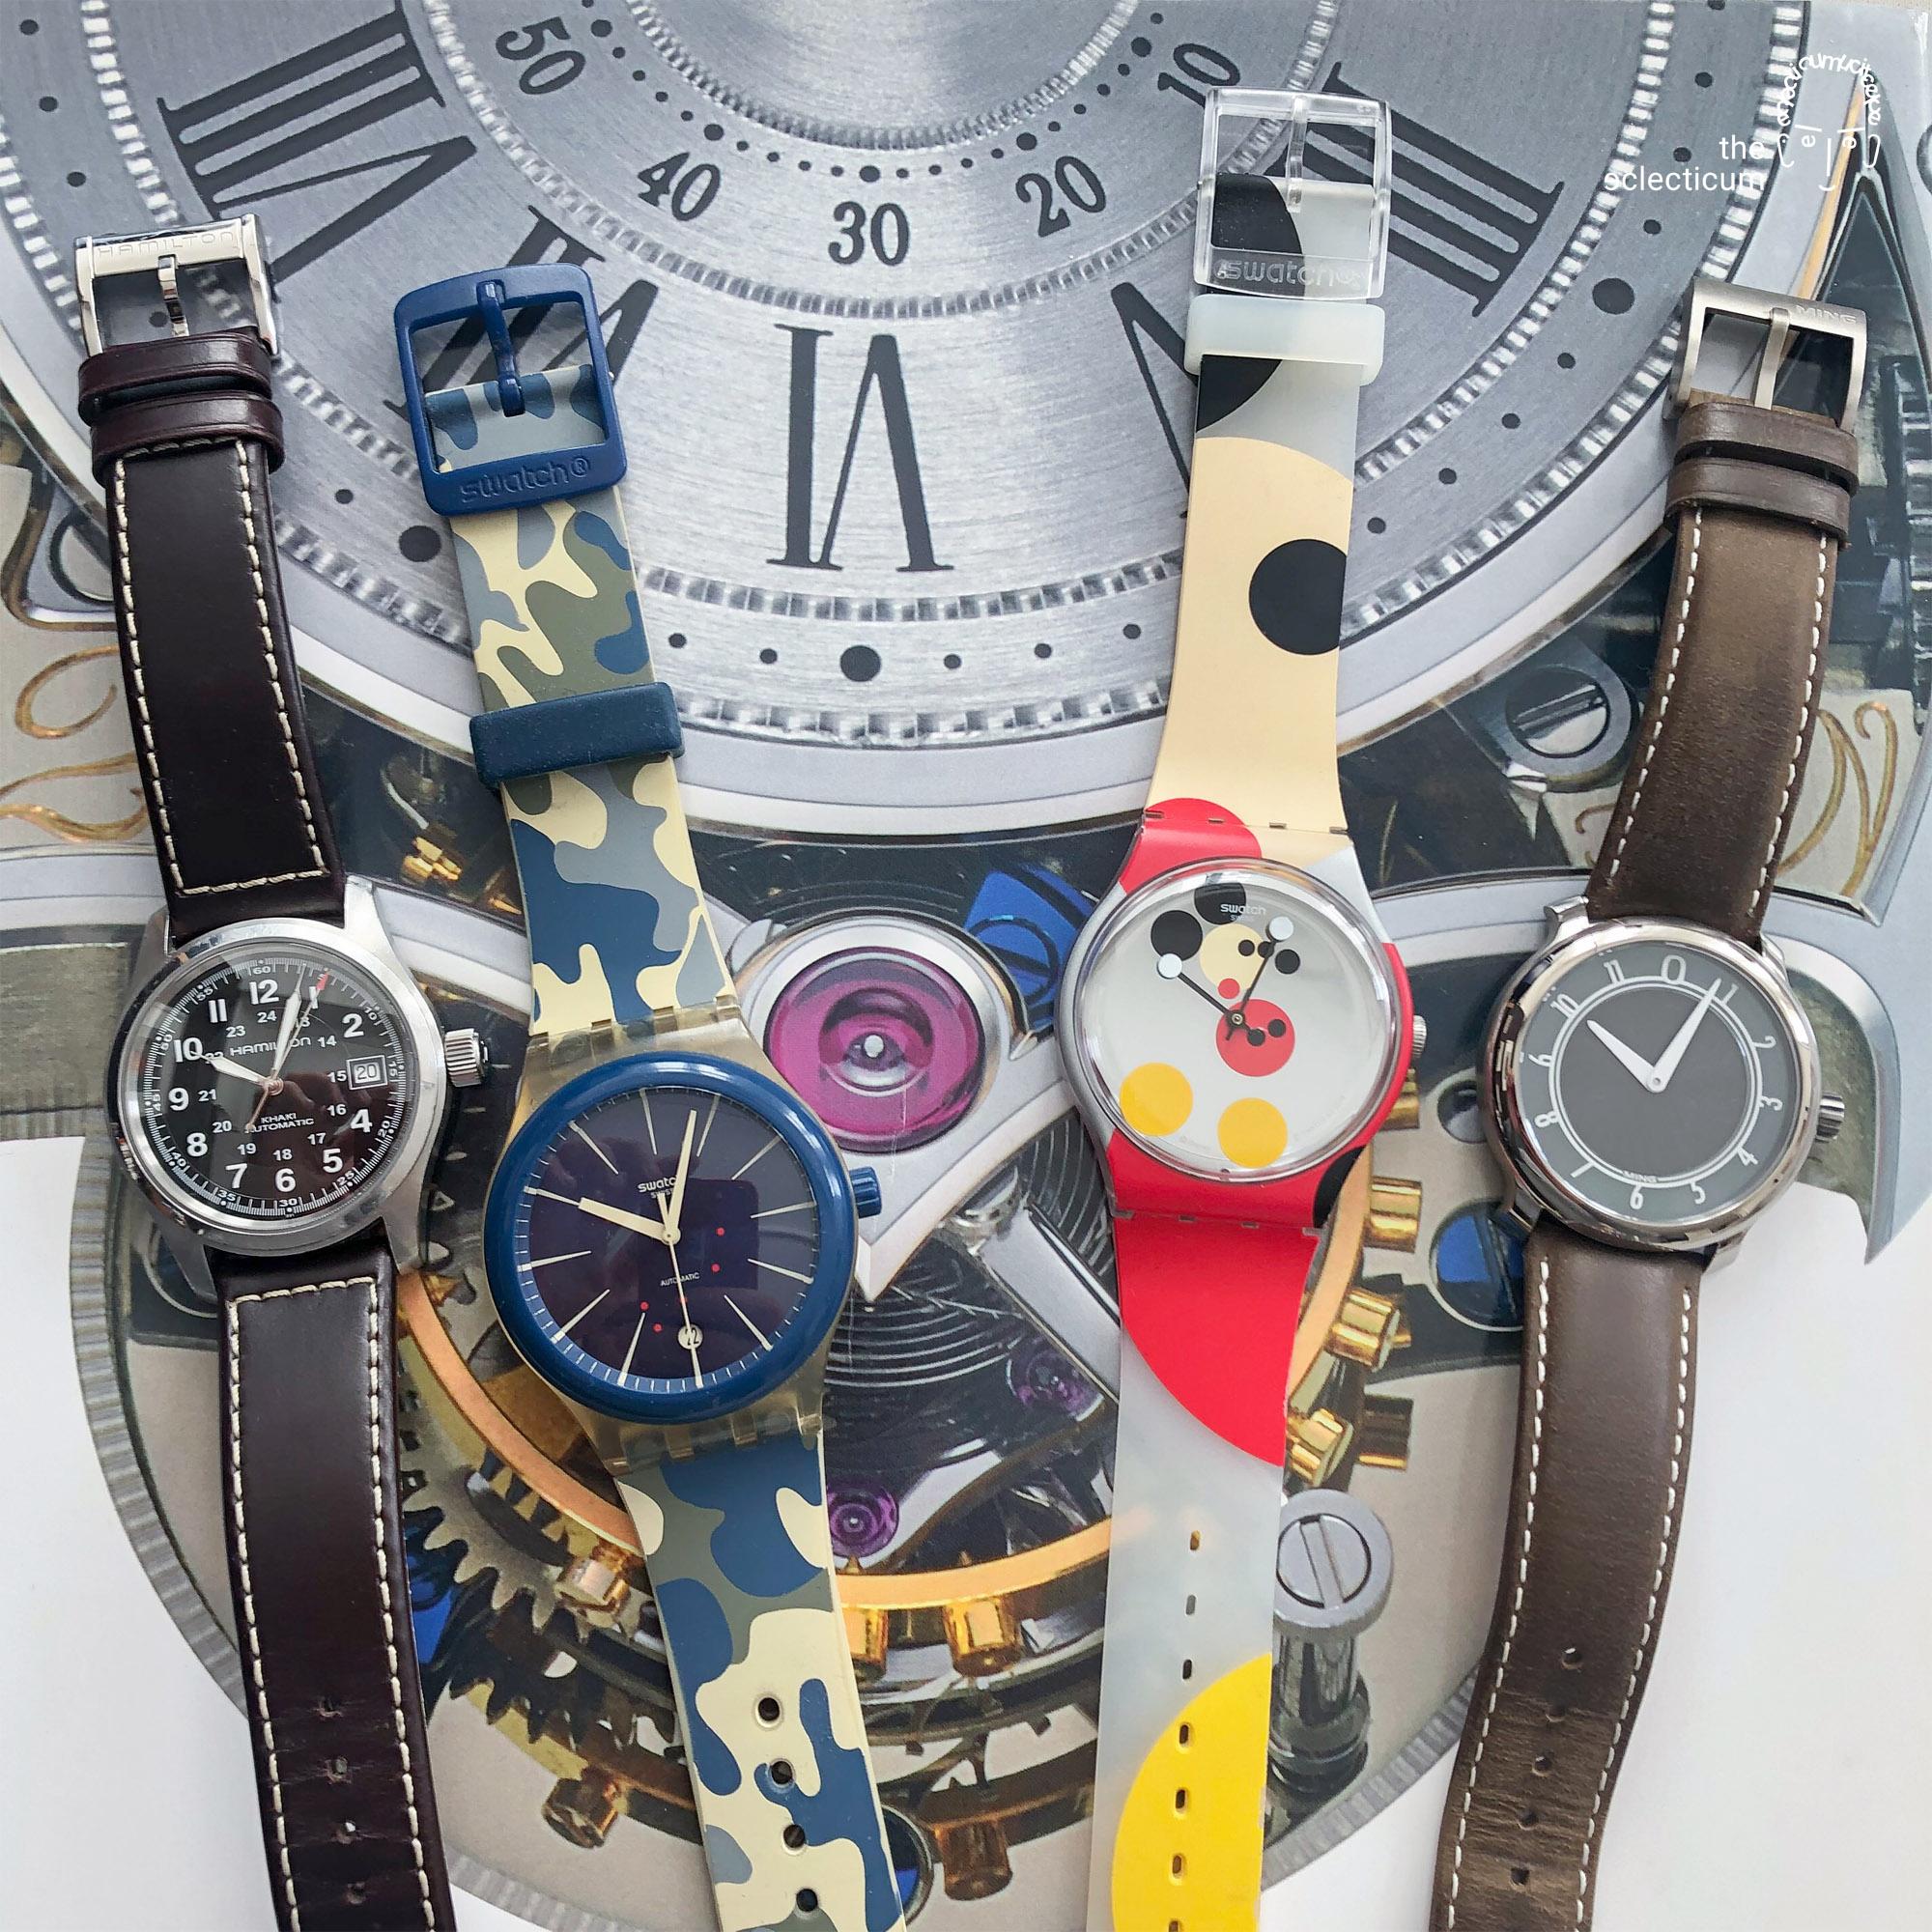 Swatch Sistem51 Hamilton Khaki Field Automatic MING 17.01 wristwatch